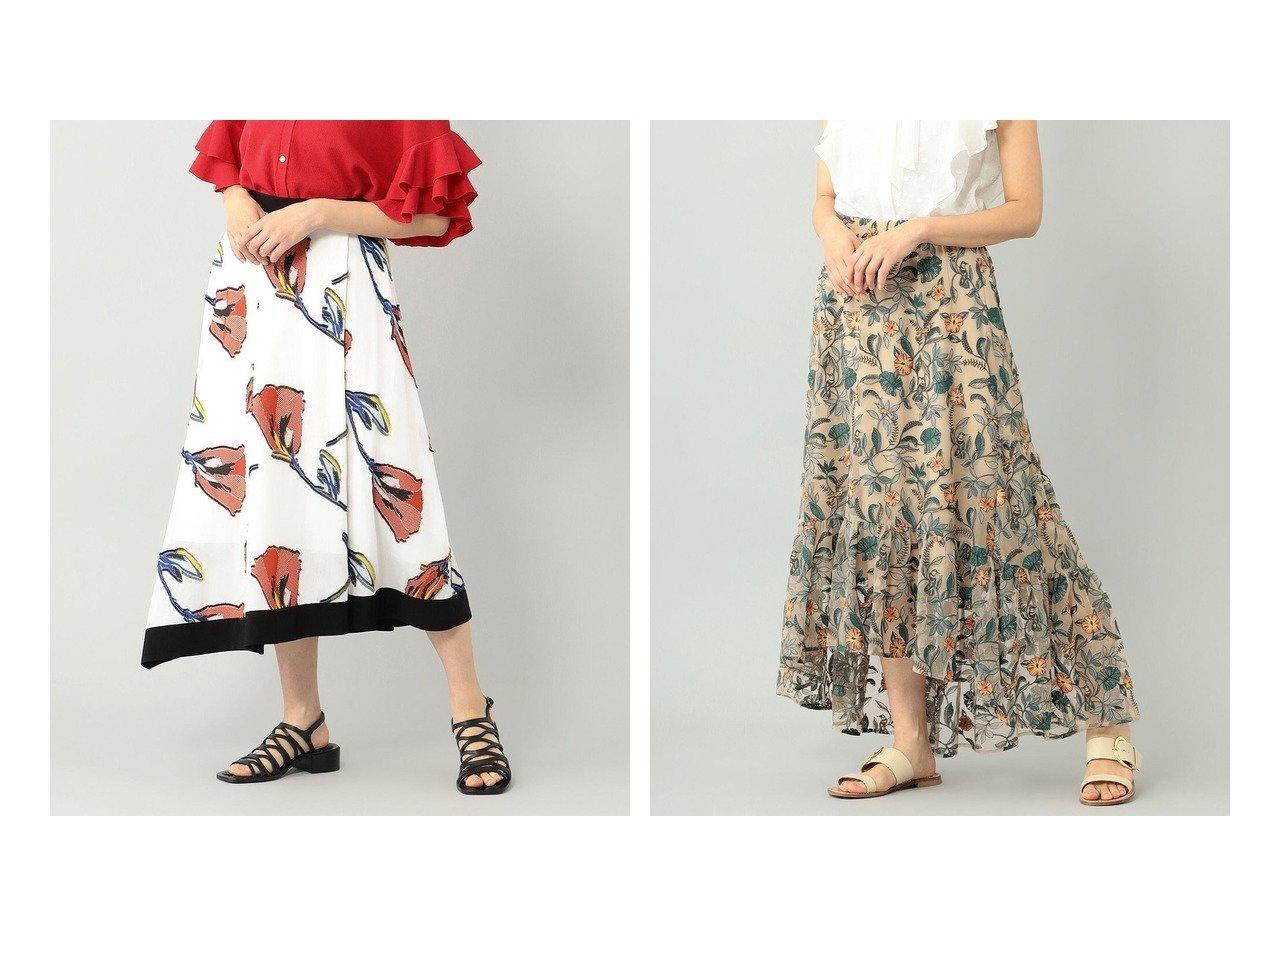 【GRACE CONTINENTAL/グレース コンチネンタル】のフラワーJQスカート&ボタニカルチュール刺繍スカート 【スカート】おすすめ!人気、トレンド・レディースファッションの通販   おすすめで人気の流行・トレンド、ファッションの通販商品 インテリア・家具・メンズファッション・キッズファッション・レディースファッション・服の通販 founy(ファニー) https://founy.com/ ファッション Fashion レディースファッション WOMEN スカート Skirt 送料無料 Free Shipping ティアード ボタニカル 再入荷 Restock/Back in Stock/Re Arrival 夏 Summer イレギュラーヘム フラワー |ID:crp329100000057116